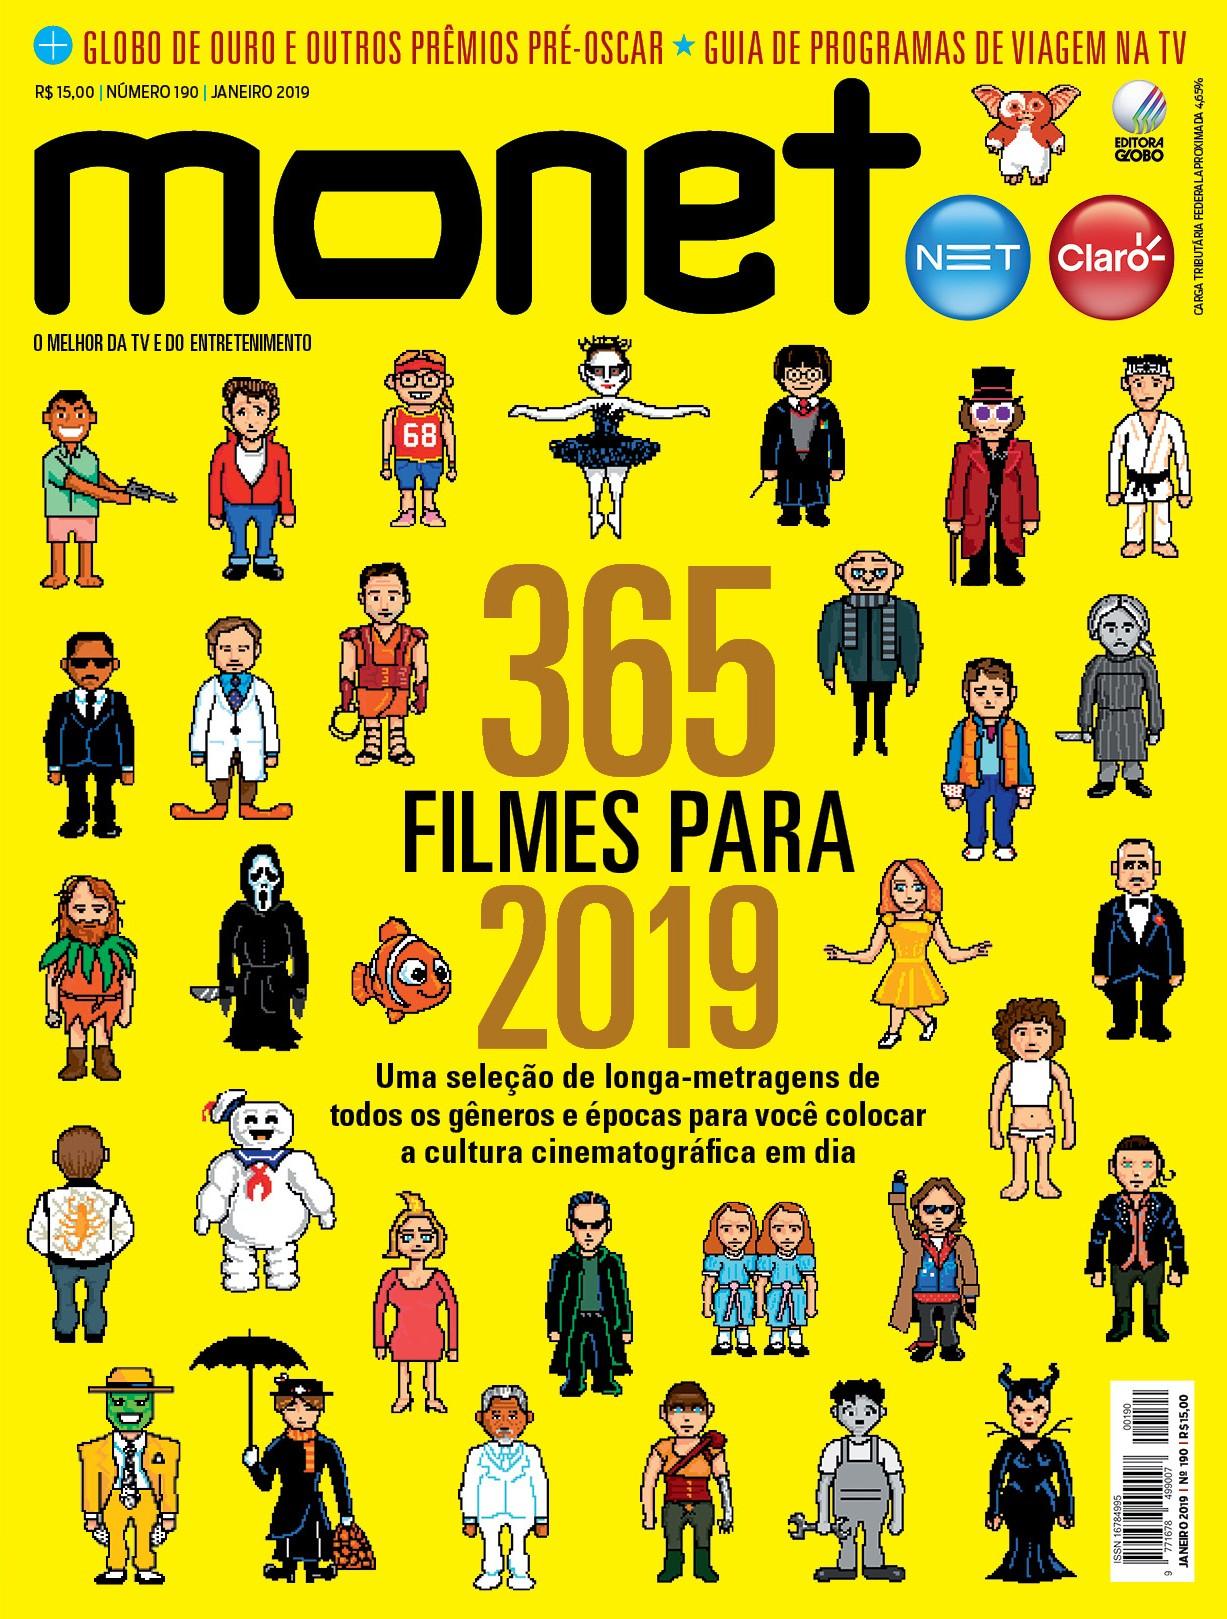 Revista Monet - Edição 190 - Janeiro/2019 (Foto: Revista Monet)